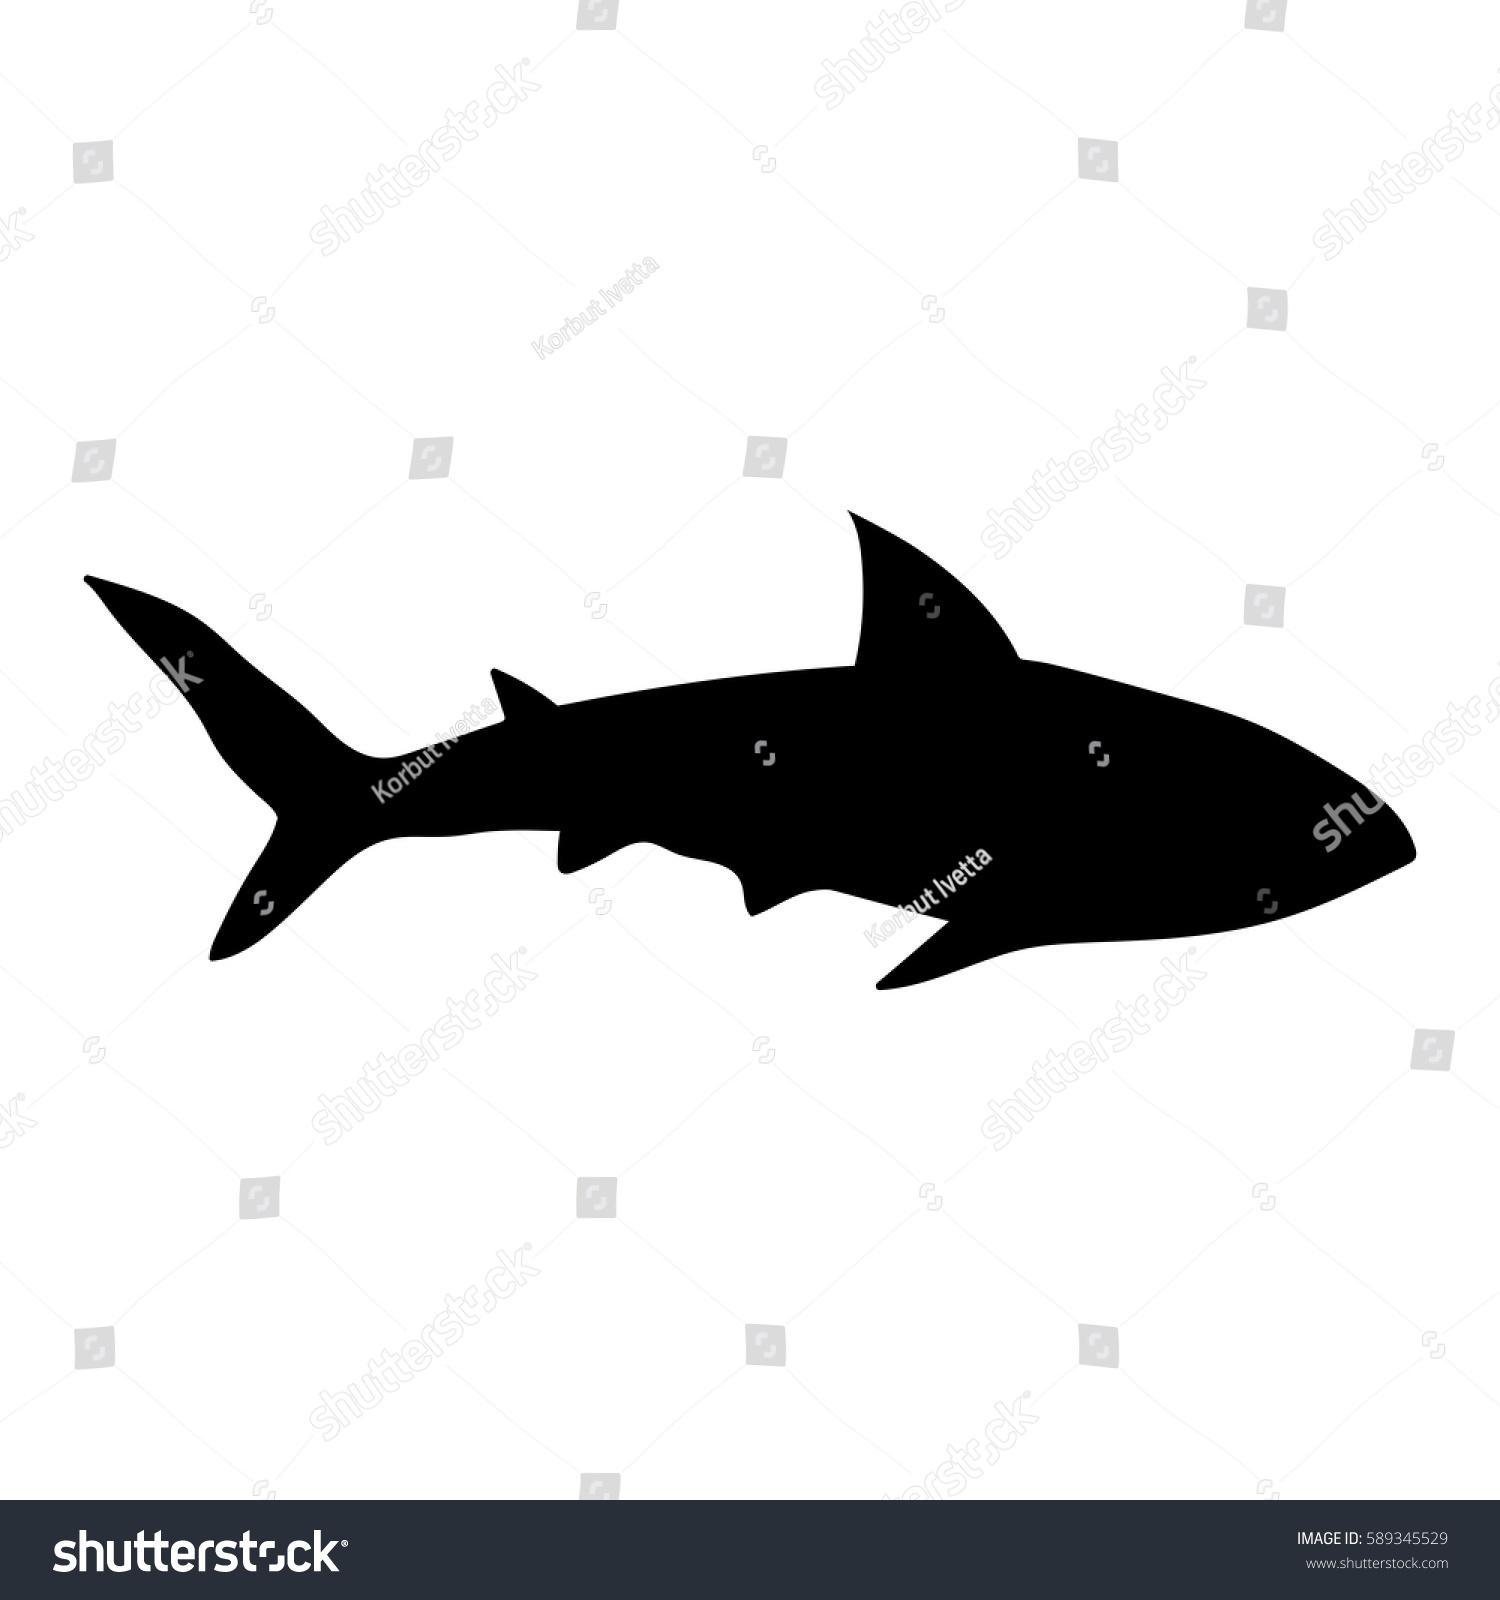 Uncategorized Drawn Shark hand drawn shark silhouette on white stock vector 589345529 background